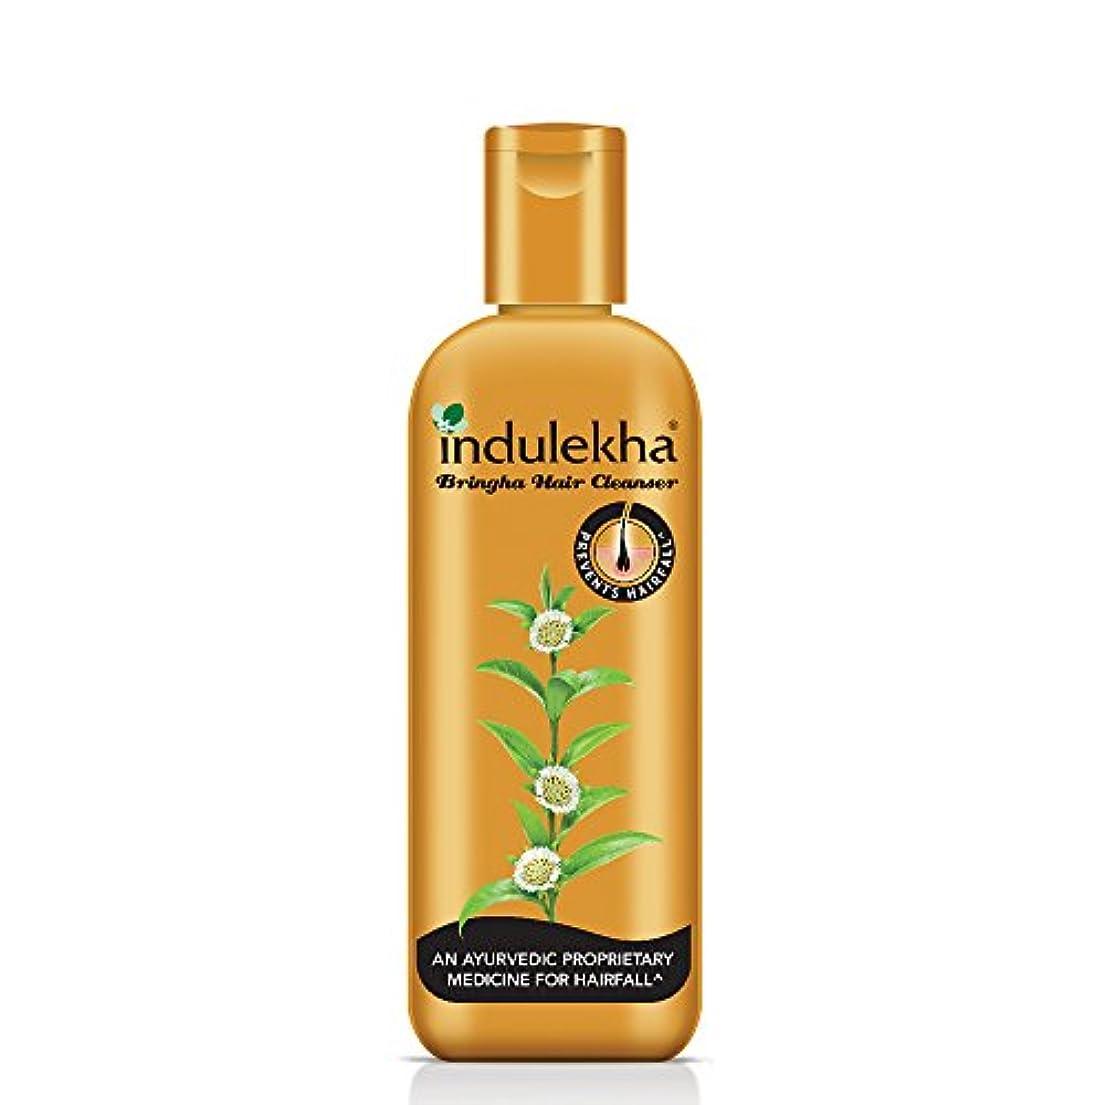 アクロバット通り抜けるスキニーIndulekha Bringha Anti Hair Fall Shampoo (Hair Cleanser) 200ml, 6.76 oz - 並行輸入品 - イニディカ?ブリンガアンチヘアフォールシャンプー(ヘアクレンザー...